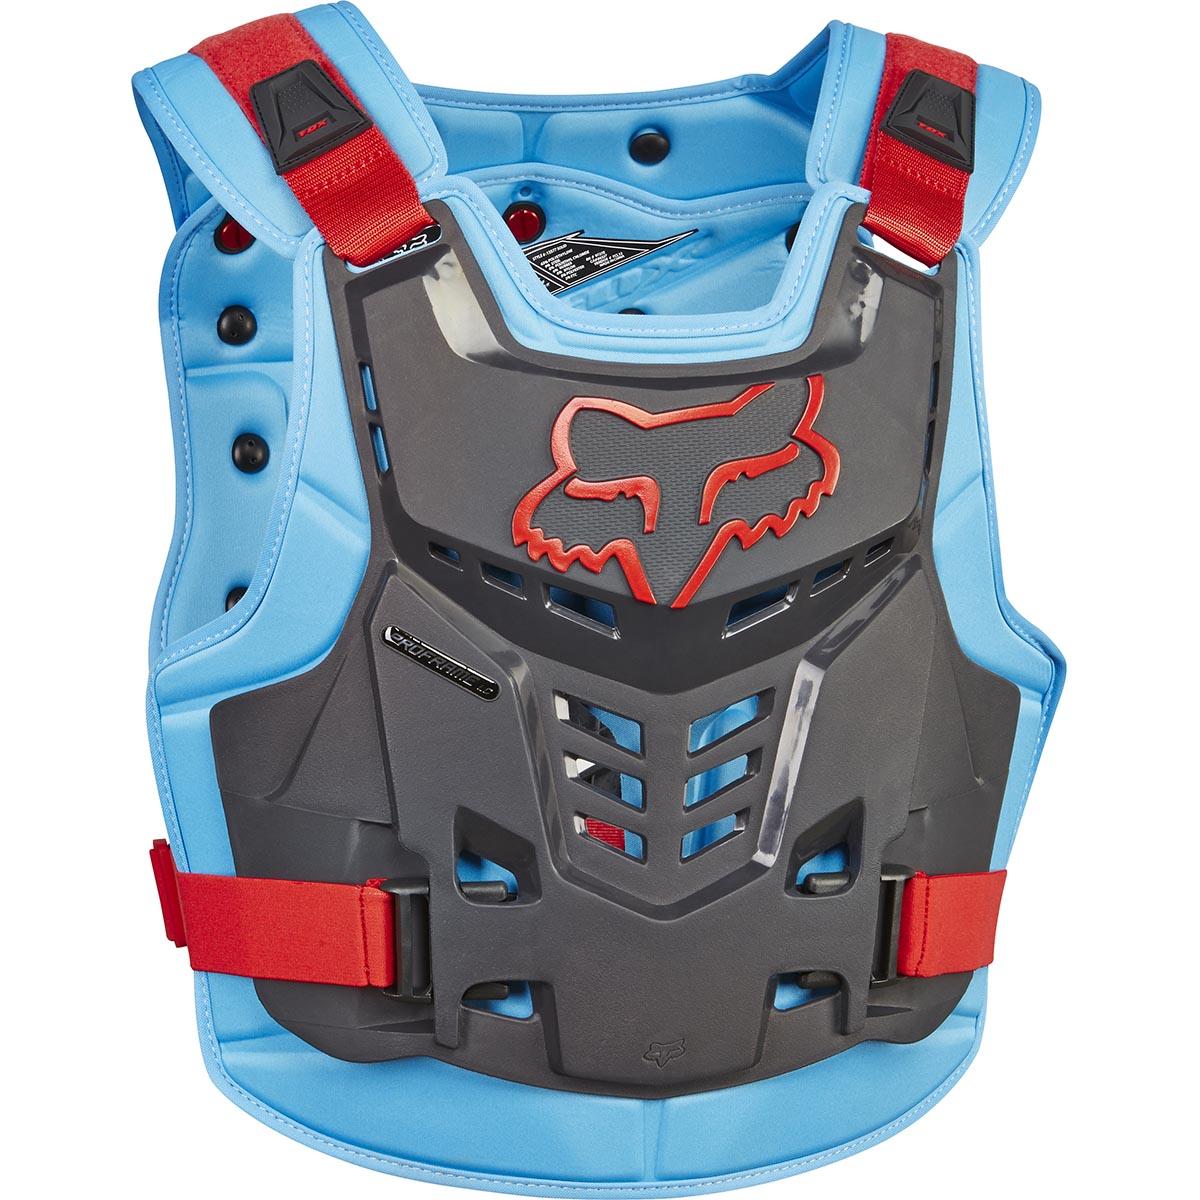 Fox - Proframe LC защитный жилет, сине-красный